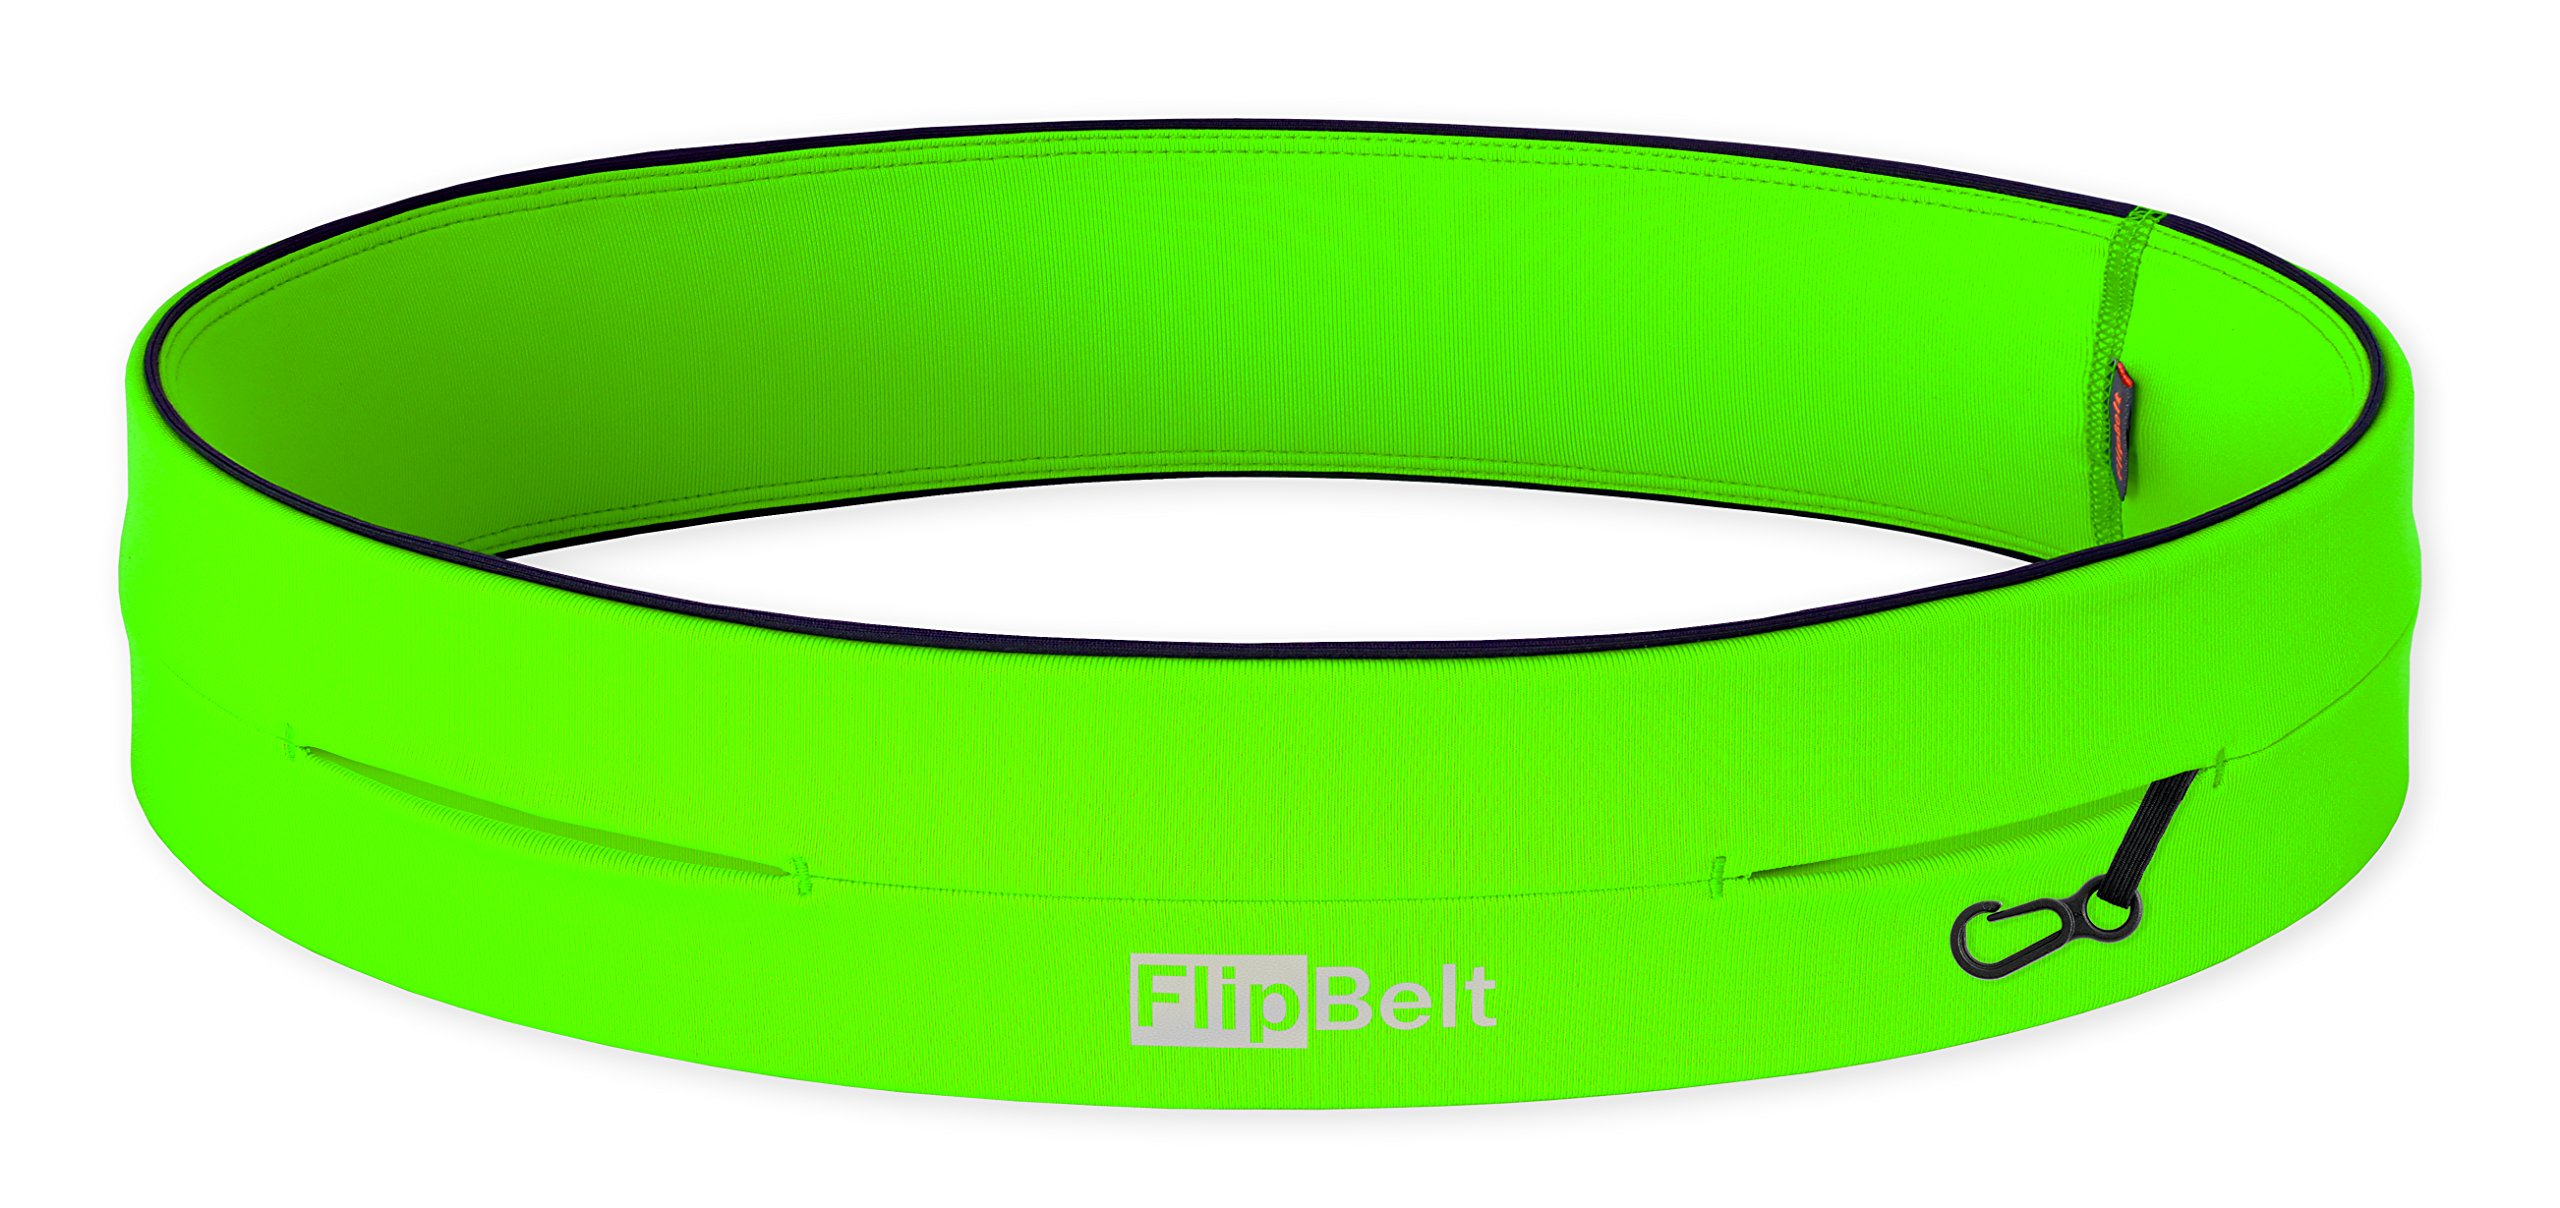 FlipBelt Level Terrain Waist Pouch, Neon Green, X-Small/22-25